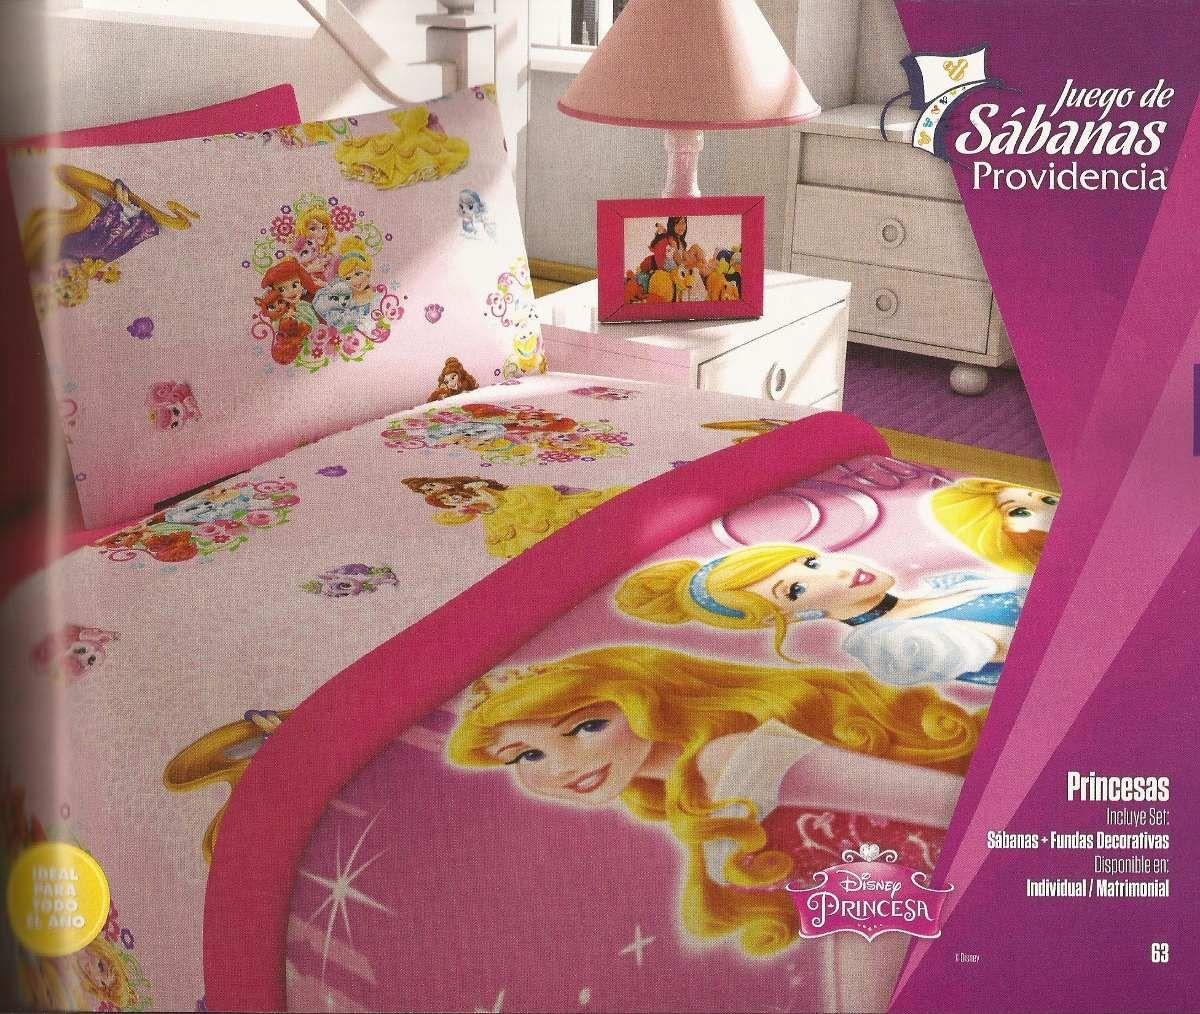 Edredon princesas mariposa hd disney individual 49900 en edredon princesas mariposa hd disney individual 49900 en mercadolibre altavistaventures Choice Image